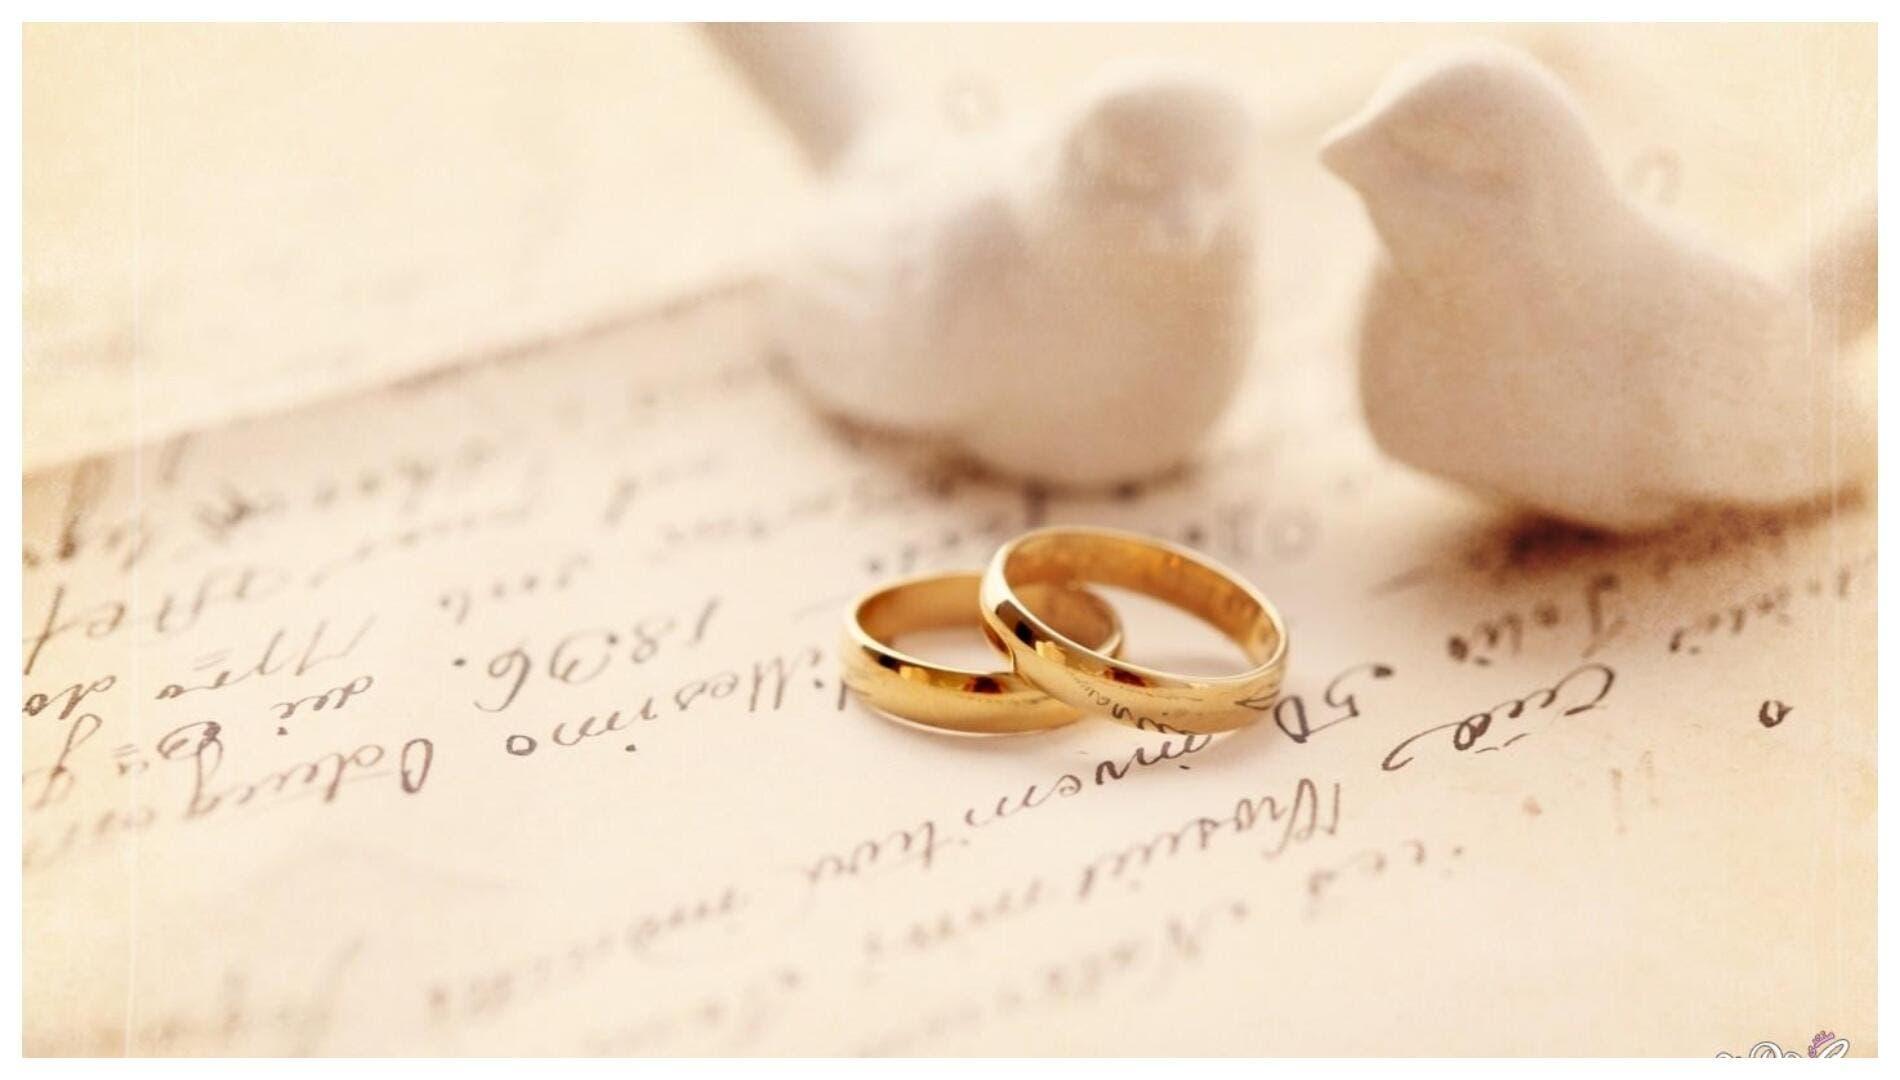 Nëse këto shenjat shfaqen gjatë periudhës së fejesës, mendohuni mirë para se të martoheni